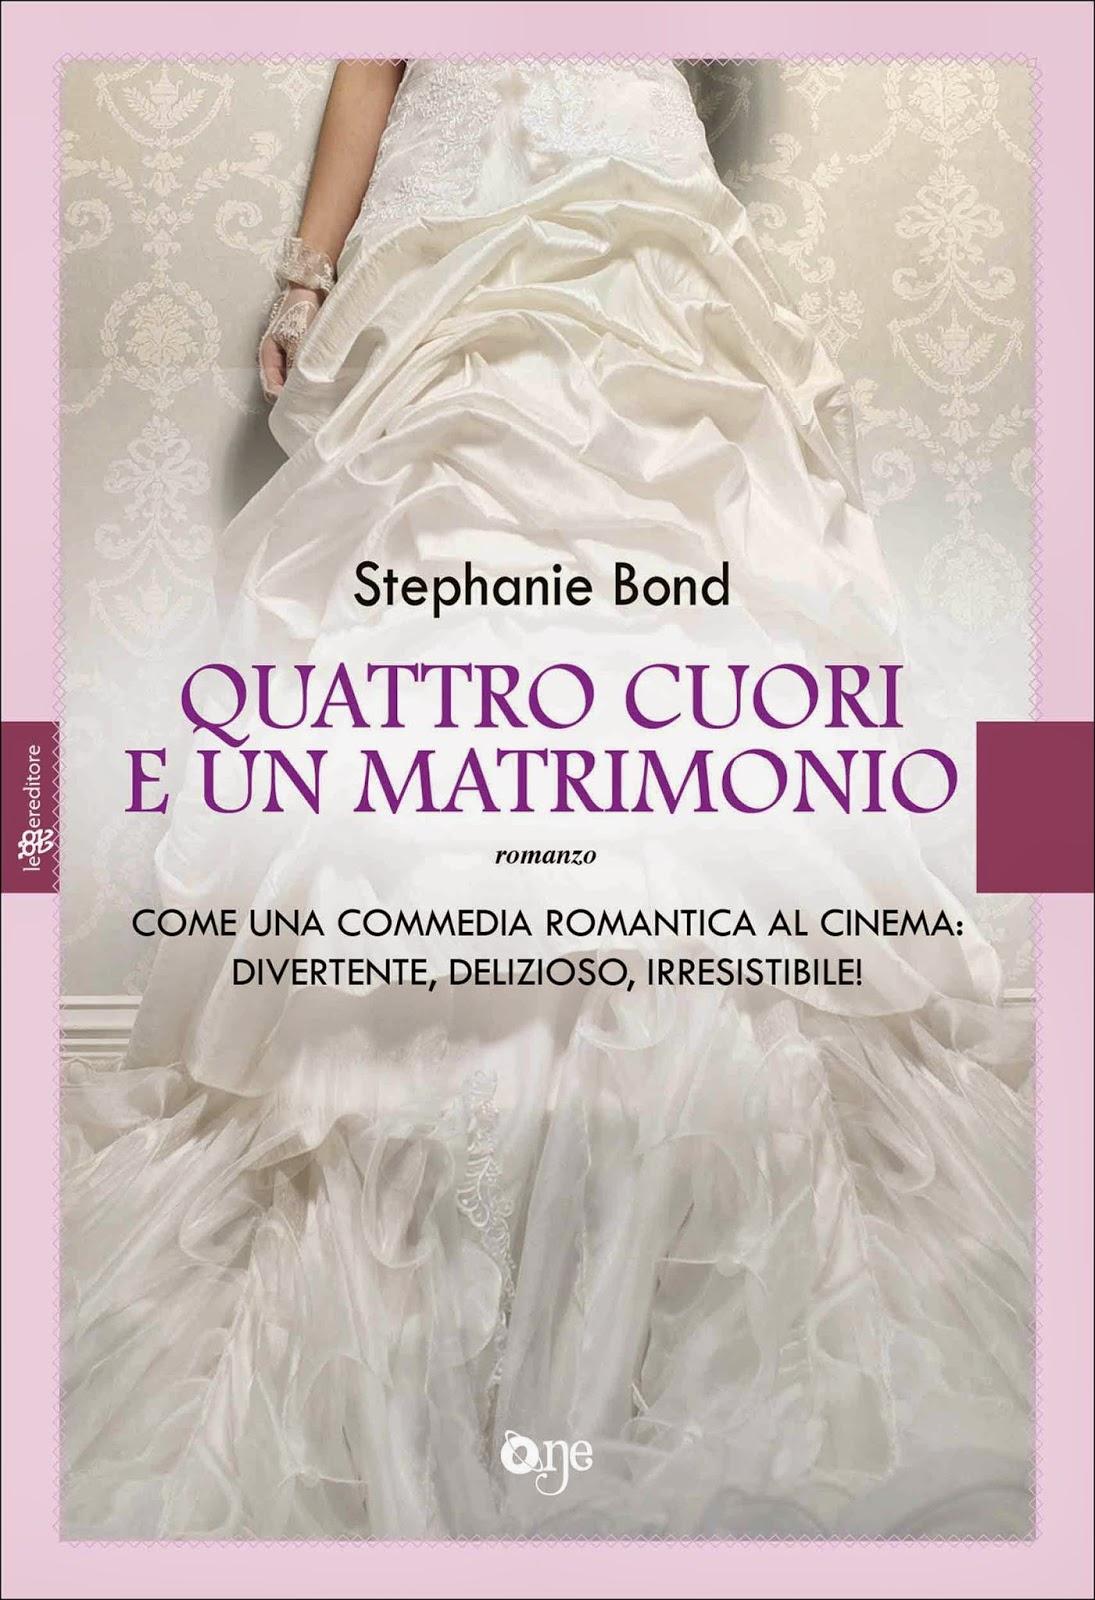 Quattro Cuori E Un Matrimonio Di Stephanie Bond Ed Leggereditore Pp 219  Ebook '� 3,99 Cartaceo '� 5,90 In Uscita Il 27 Marzo 2014